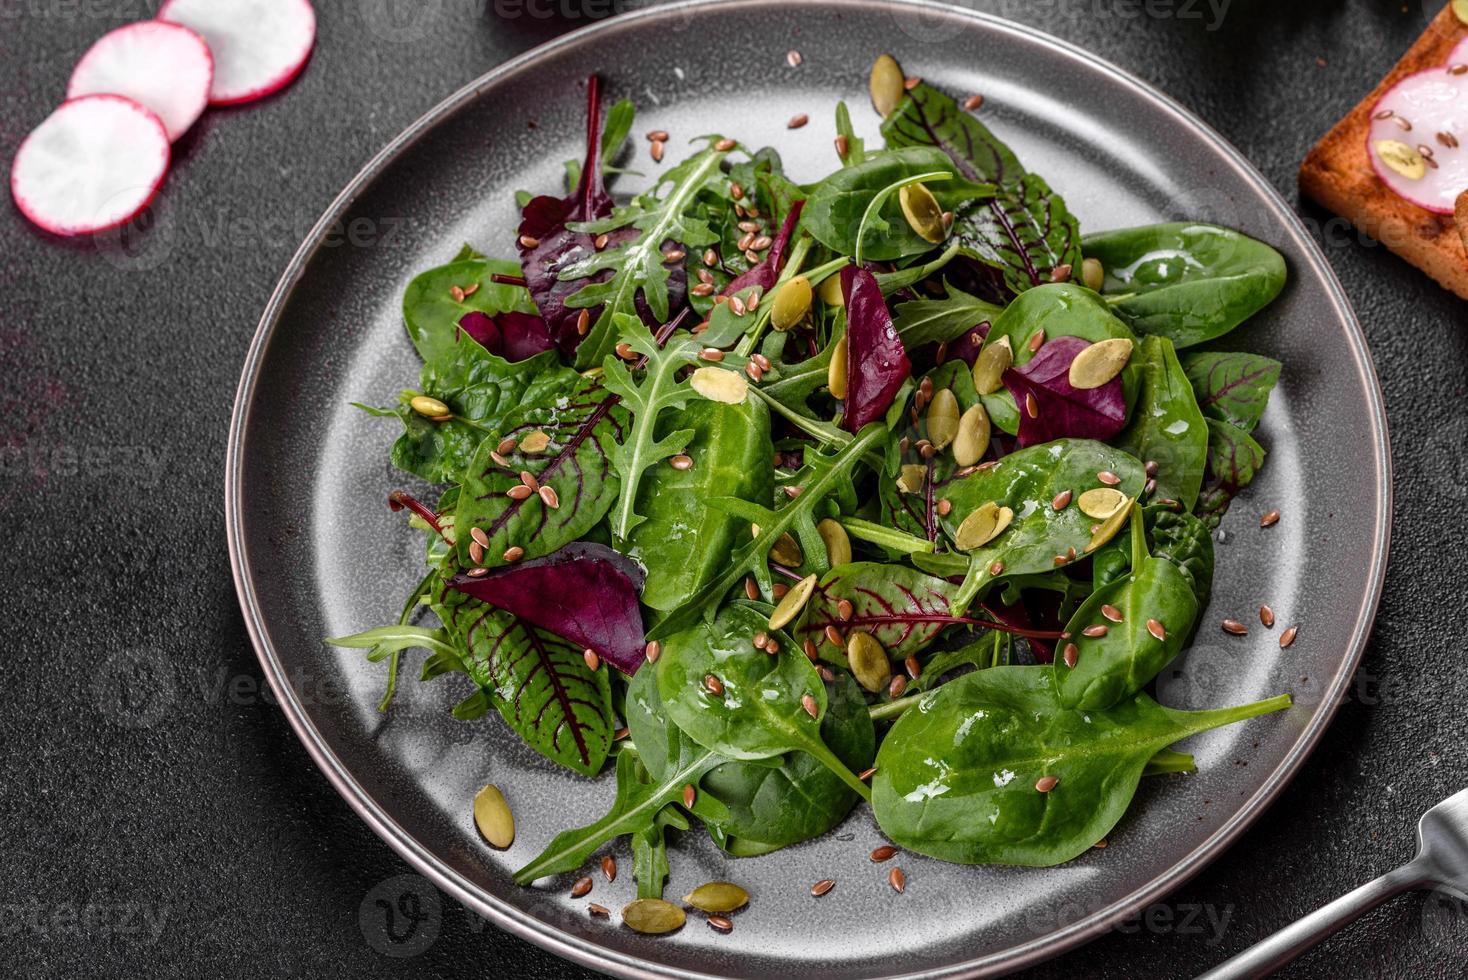 salade juteuse fraîche avec feuilles de mangold, roquette, épinards et betteraves photo